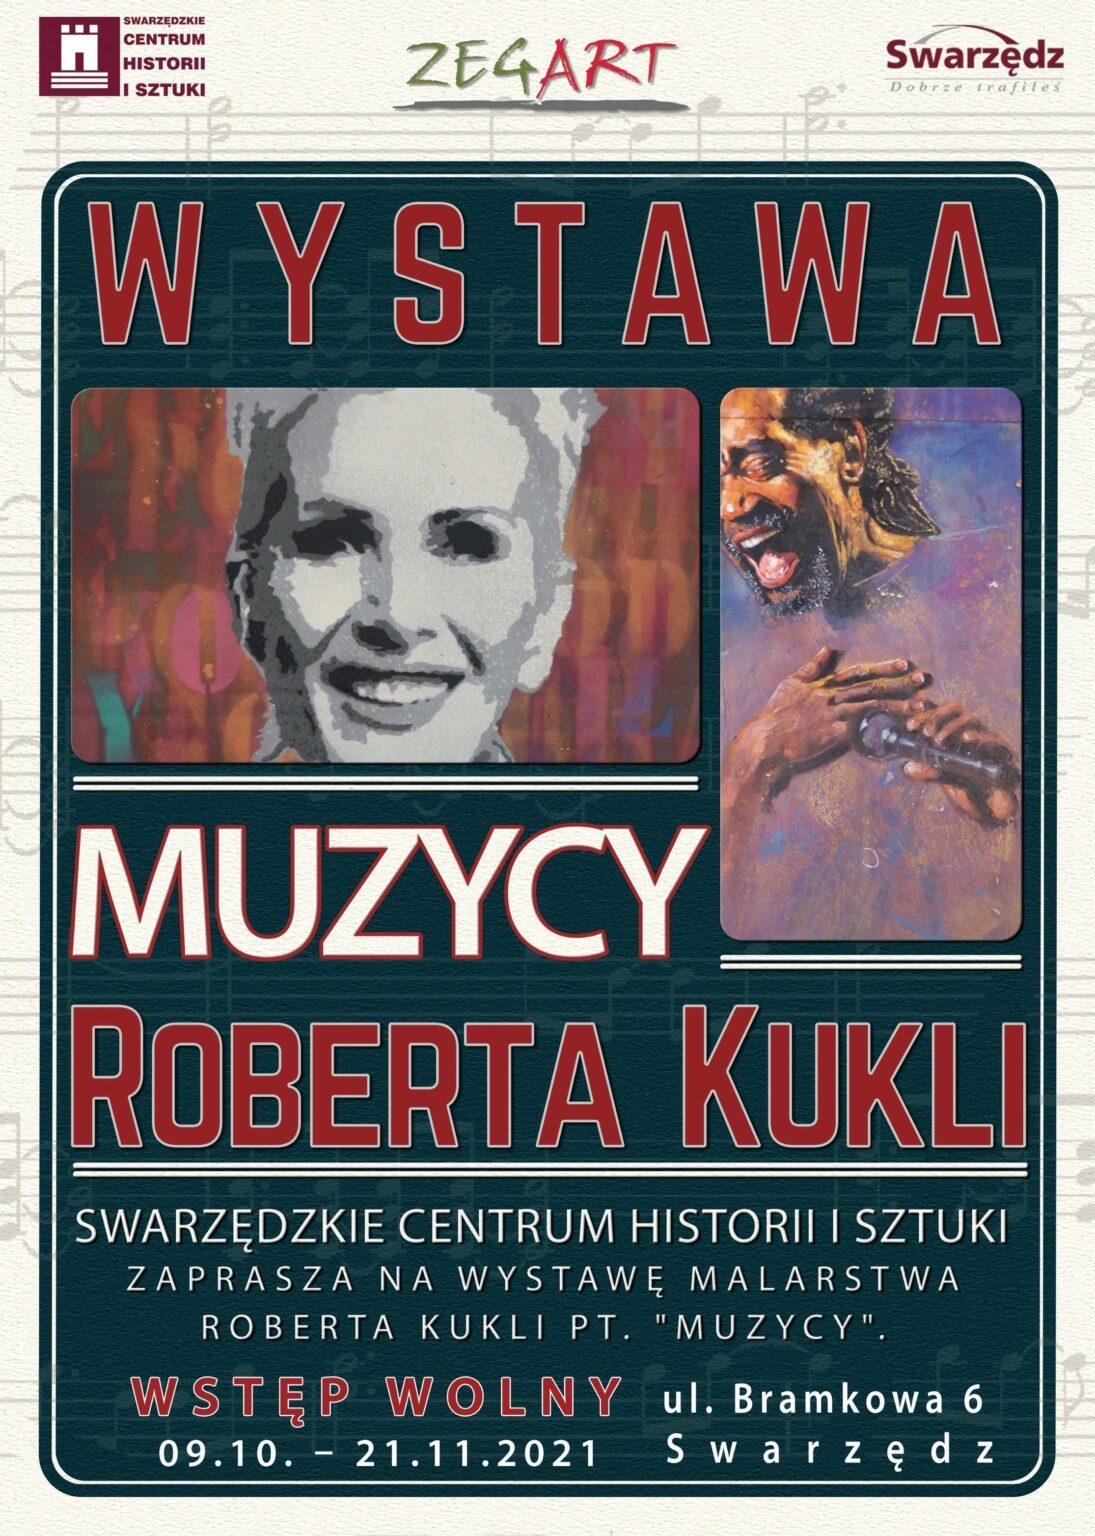 SwarzedzNews SCHiS Muzycy plakat